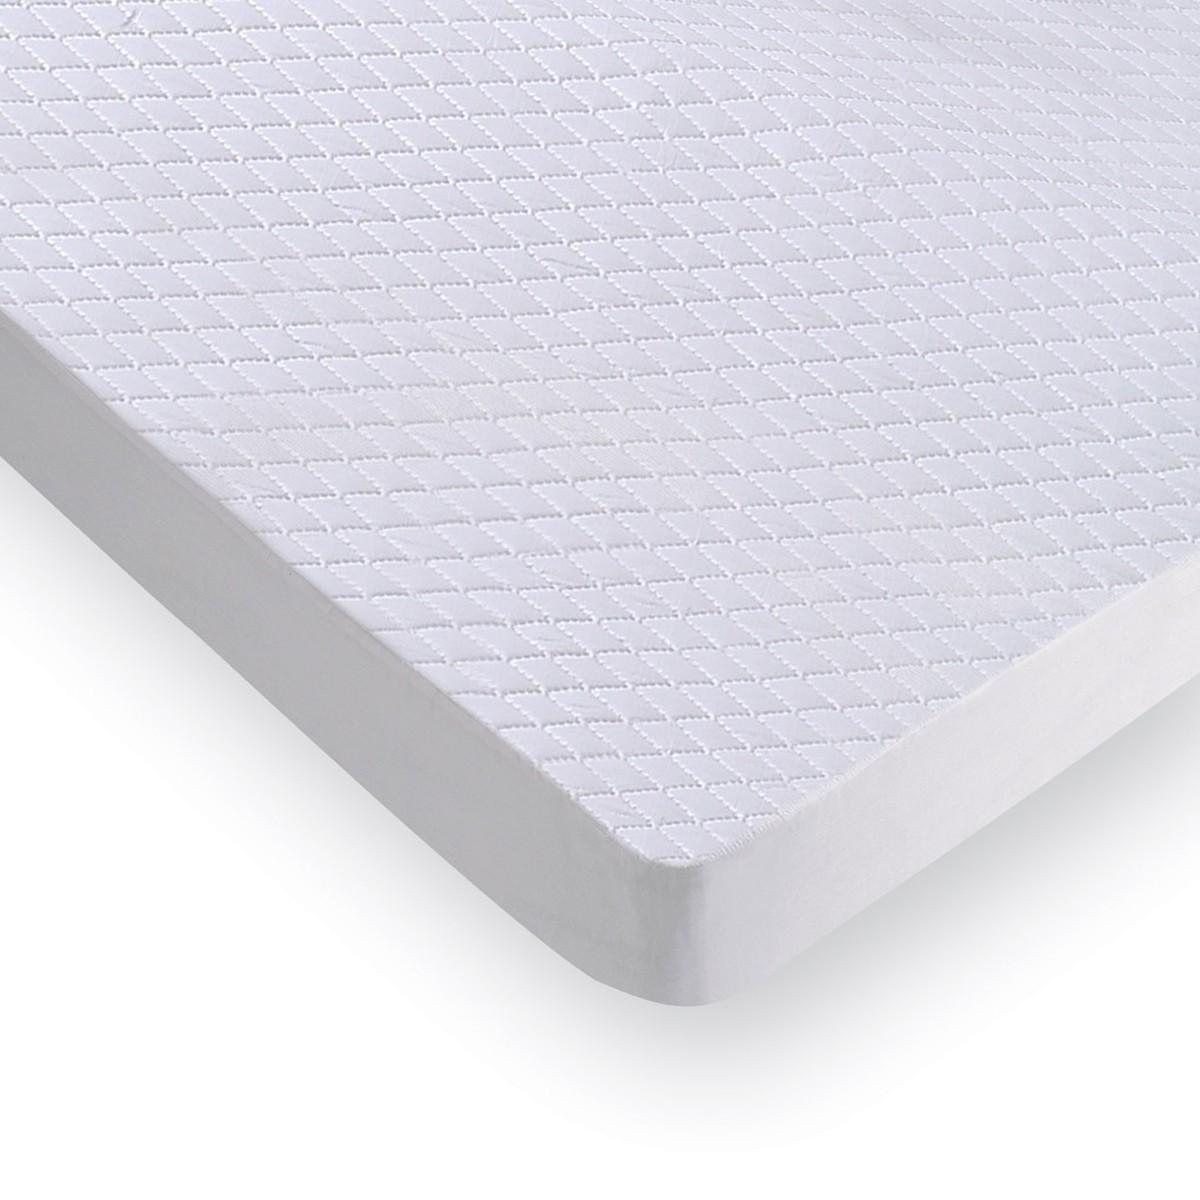 Κάλυμμα Στρώματος Καπιτονέ (100x200) 100%Microfiber Με Φάσα home   επαγγελματικός εξοπλισμός   ξενοδοχειακός εξοπλισμός   επιστρώματα ξενοδο